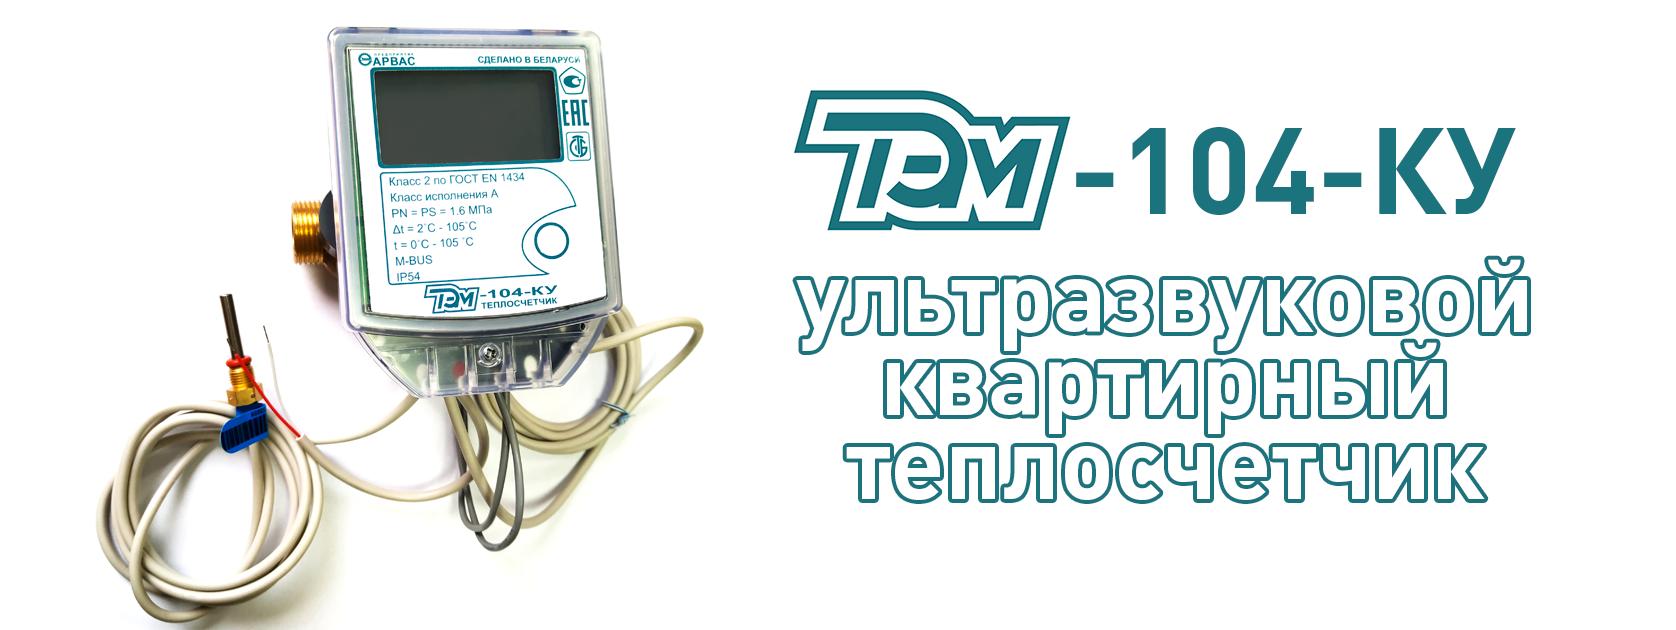 лого: Квартирный ультразвуковой теплосчетчик ТЭМ-104-КУ